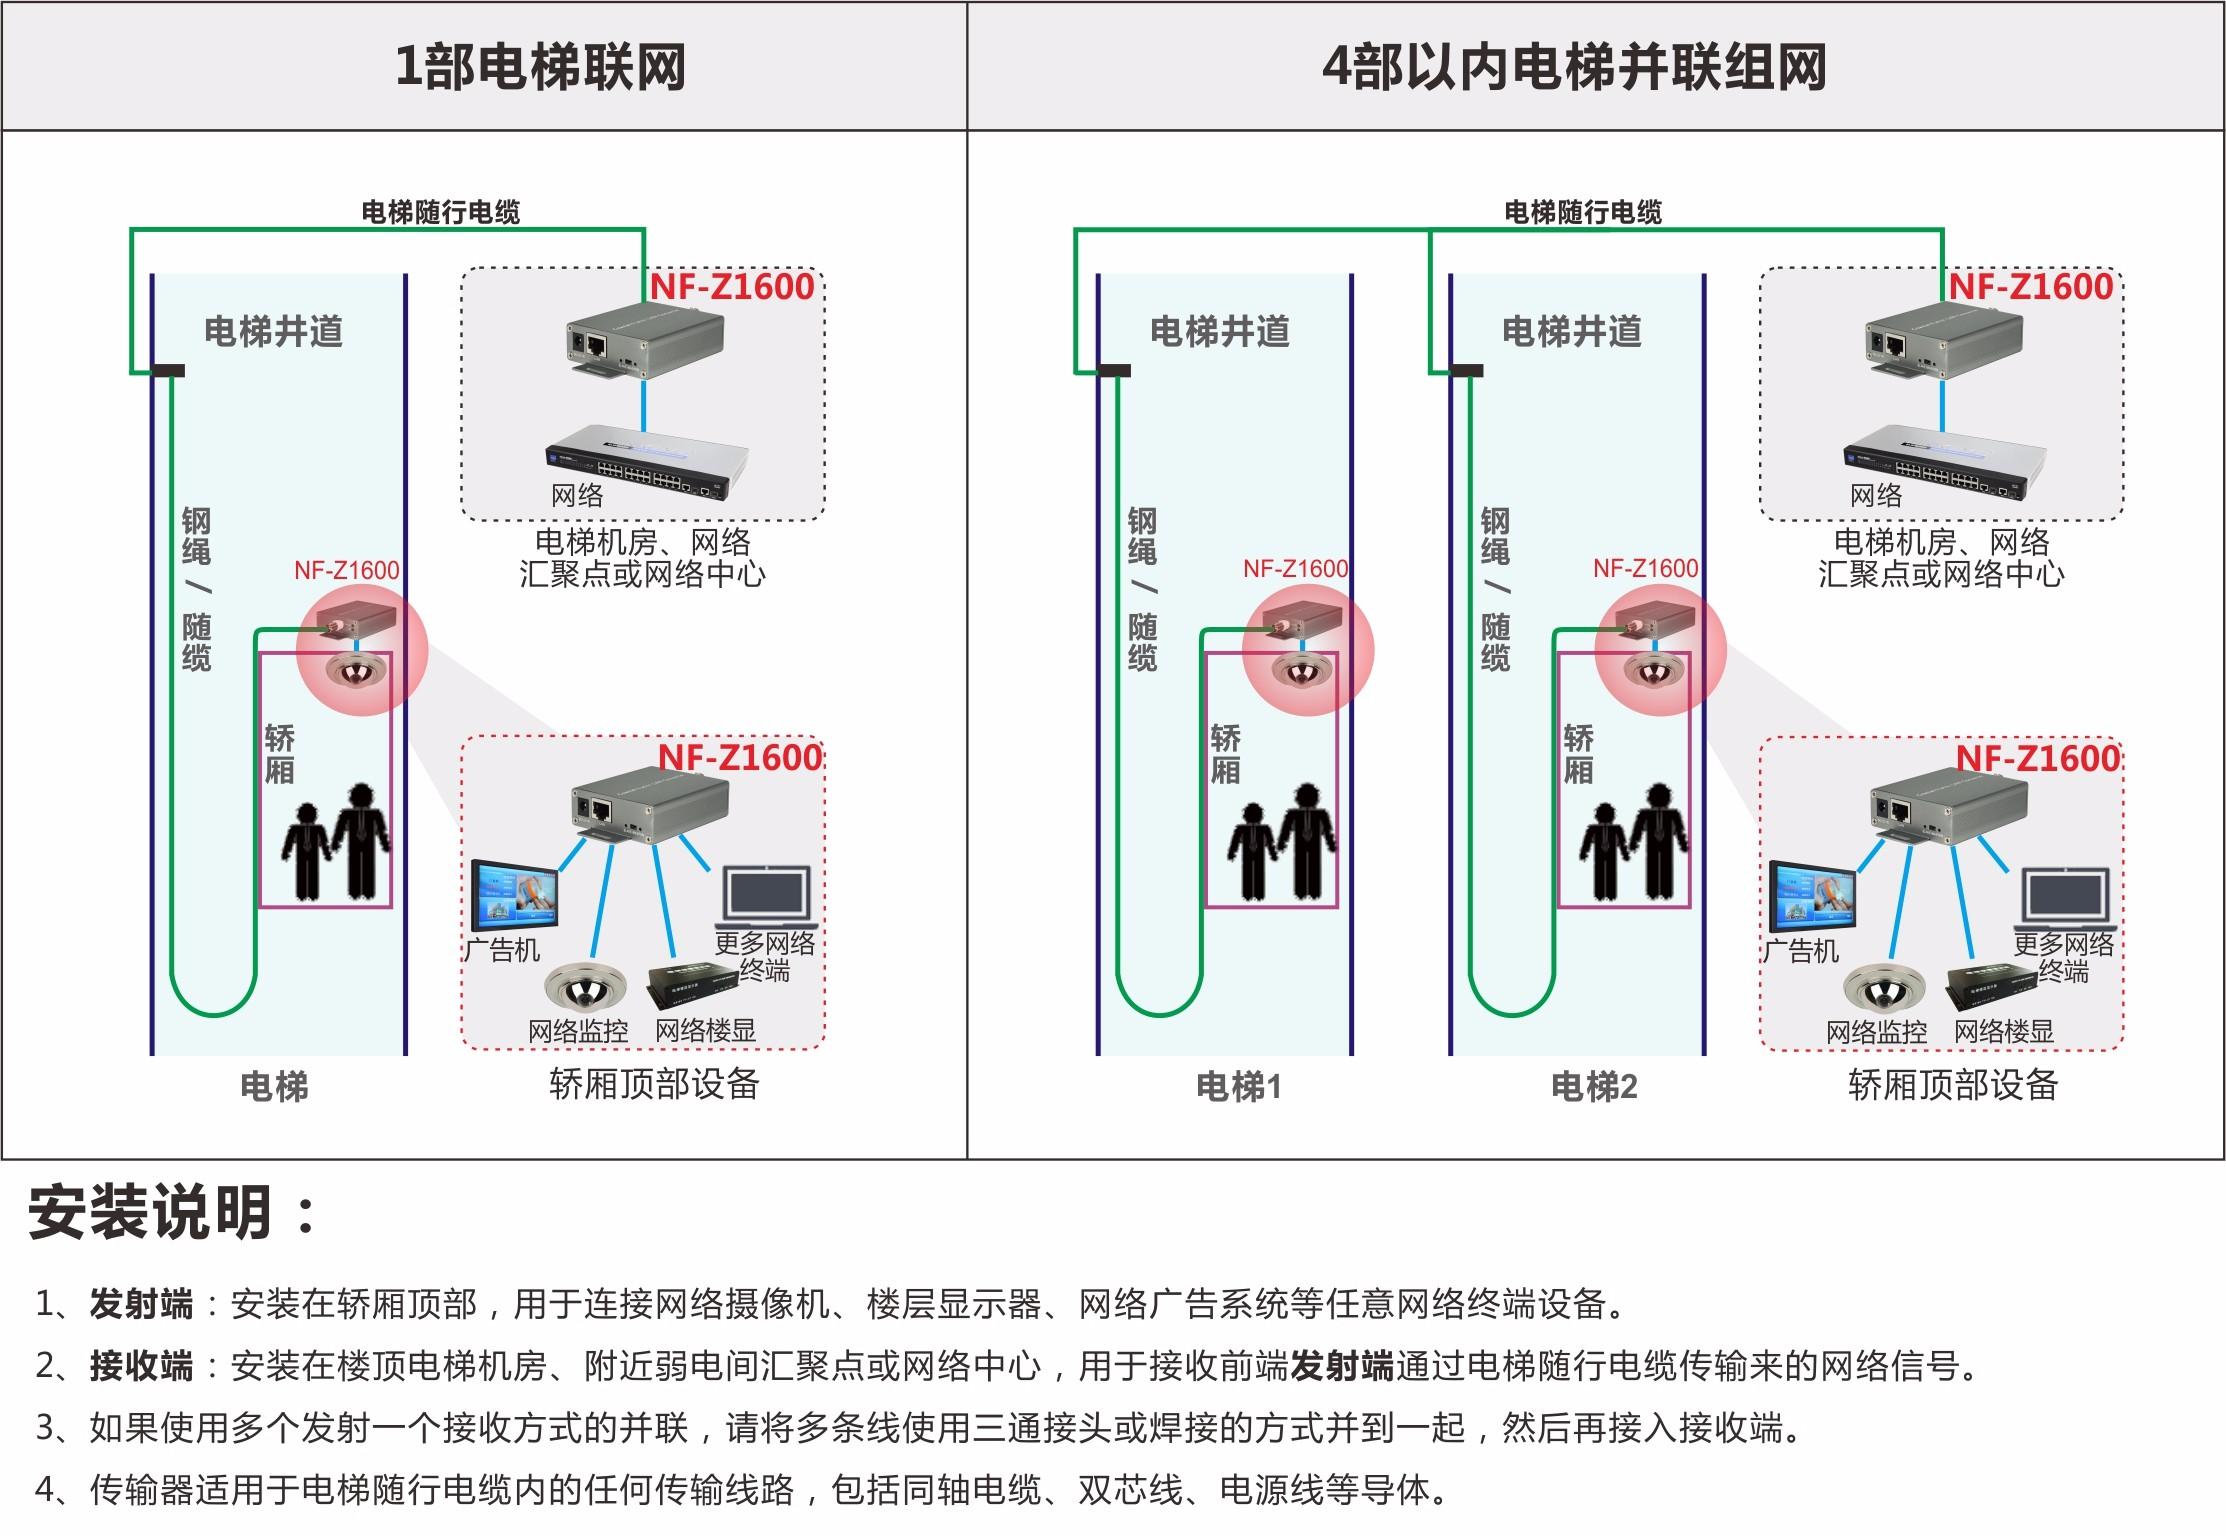 电梯随行电缆传输网络信号示意图